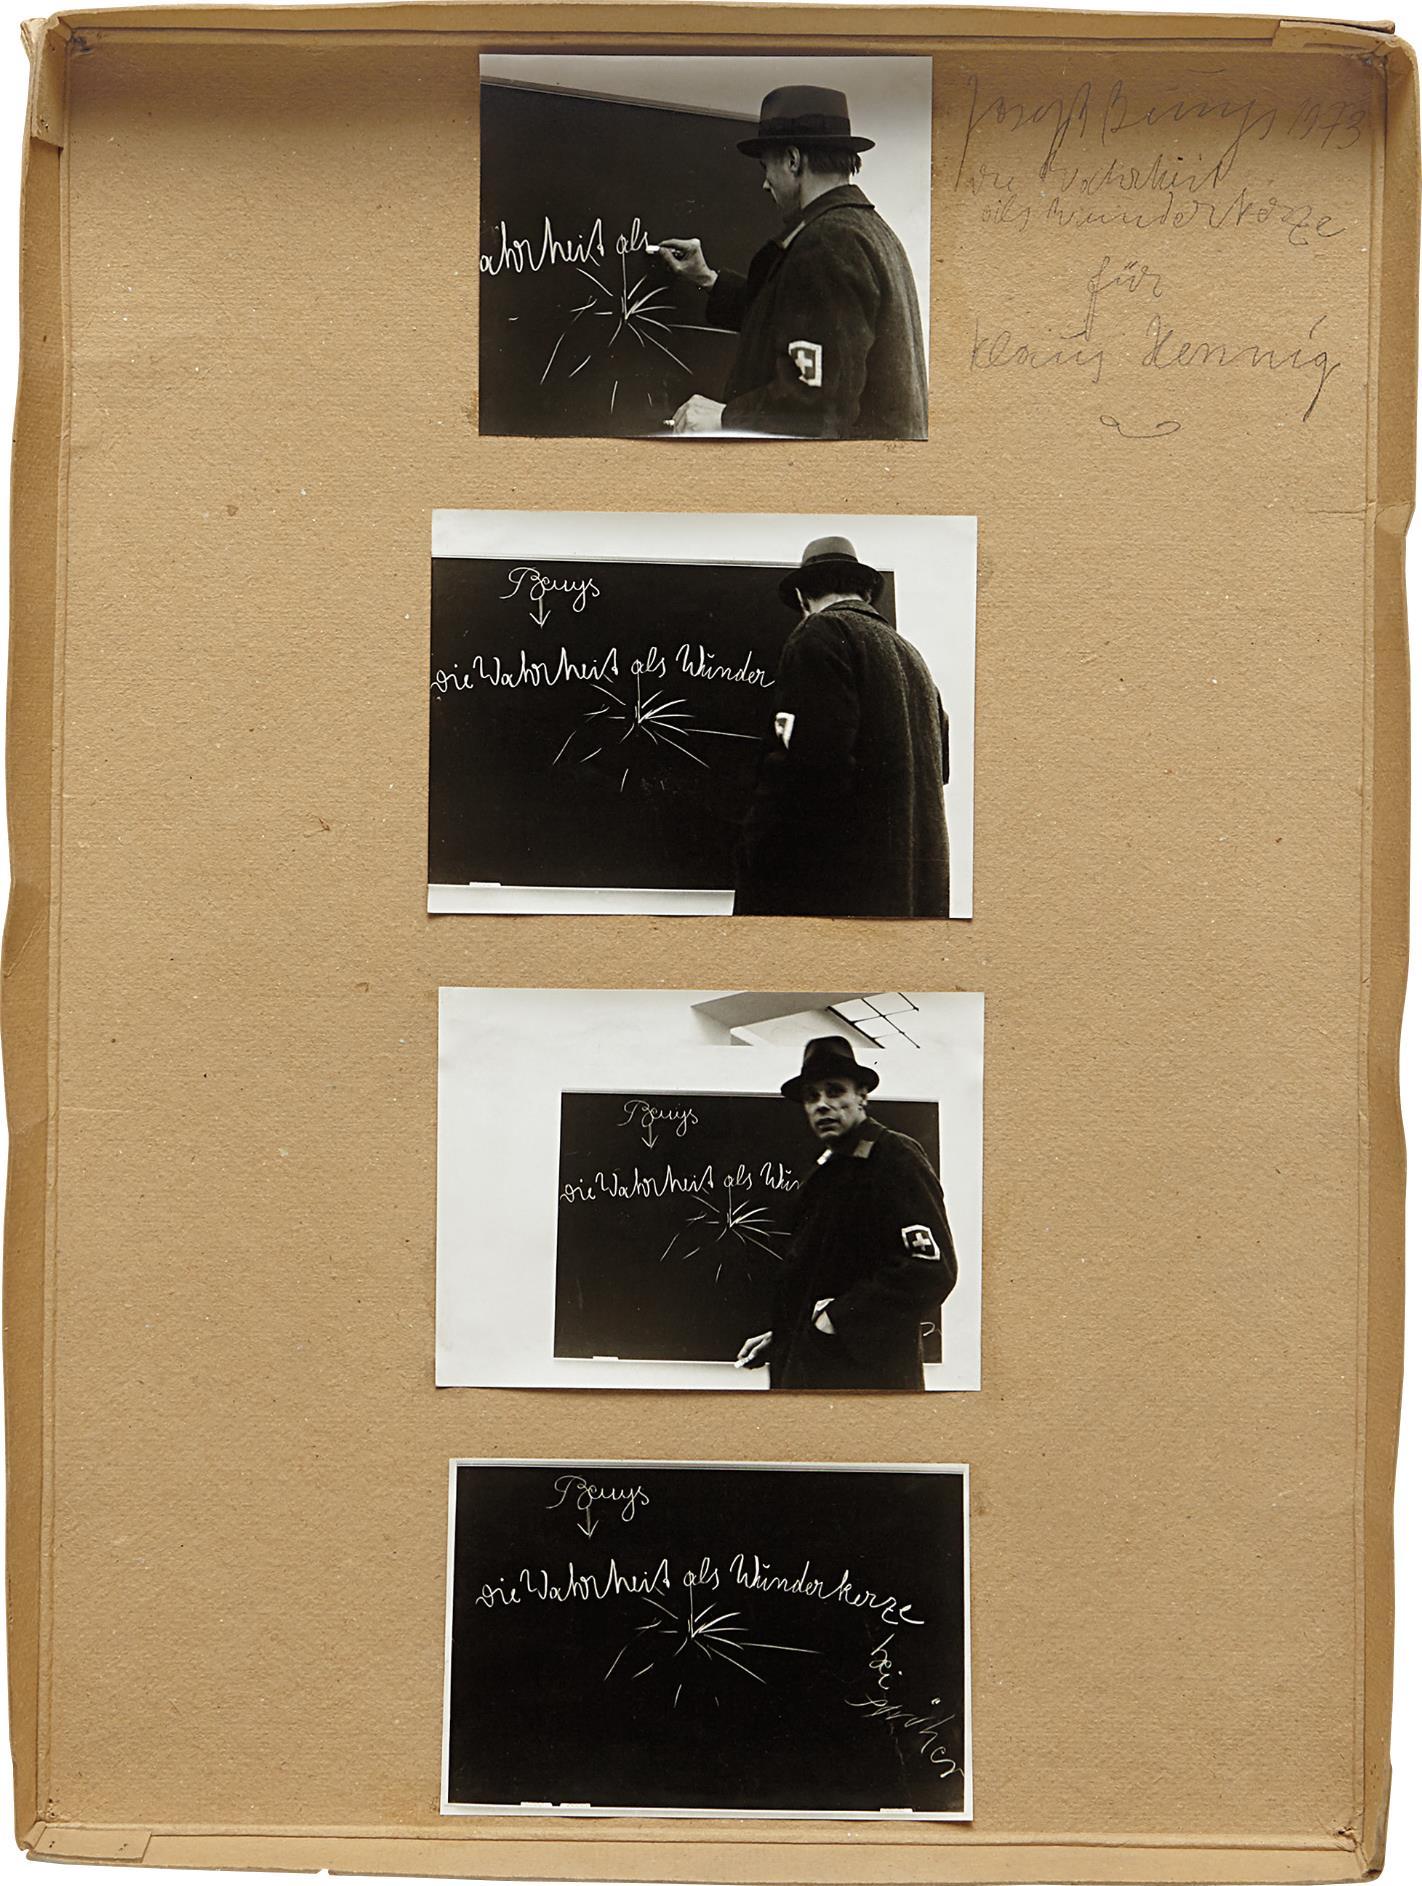 Joseph Beuys-Die Wahreit Als Wunderkerze Für Klaus Hennig-1973